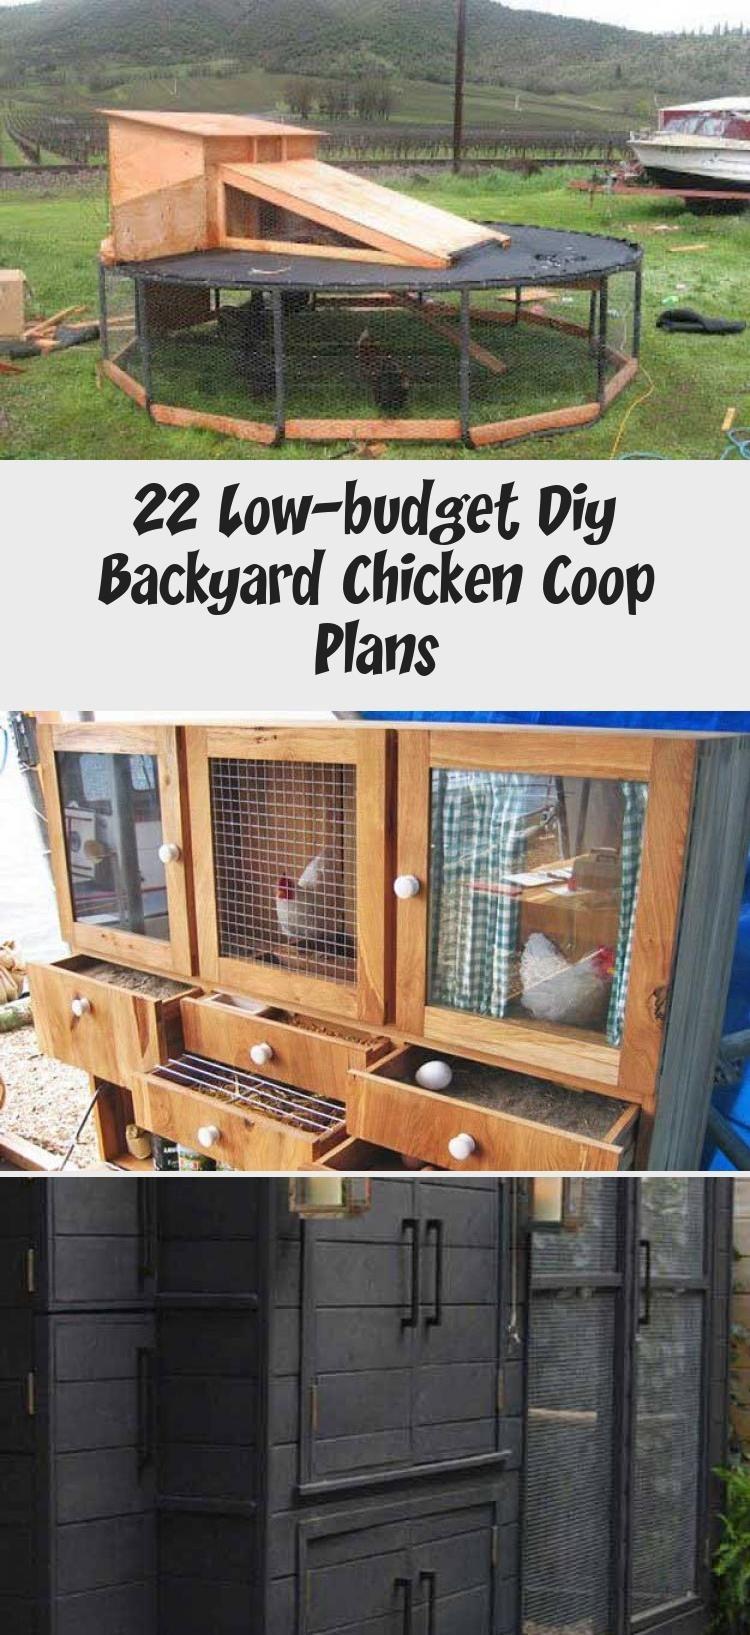 22 Low Budget Diy Backyard Chicken Coop Plans: 22 Low-budget Diy Backyard Chicken Coop Plans In 2020